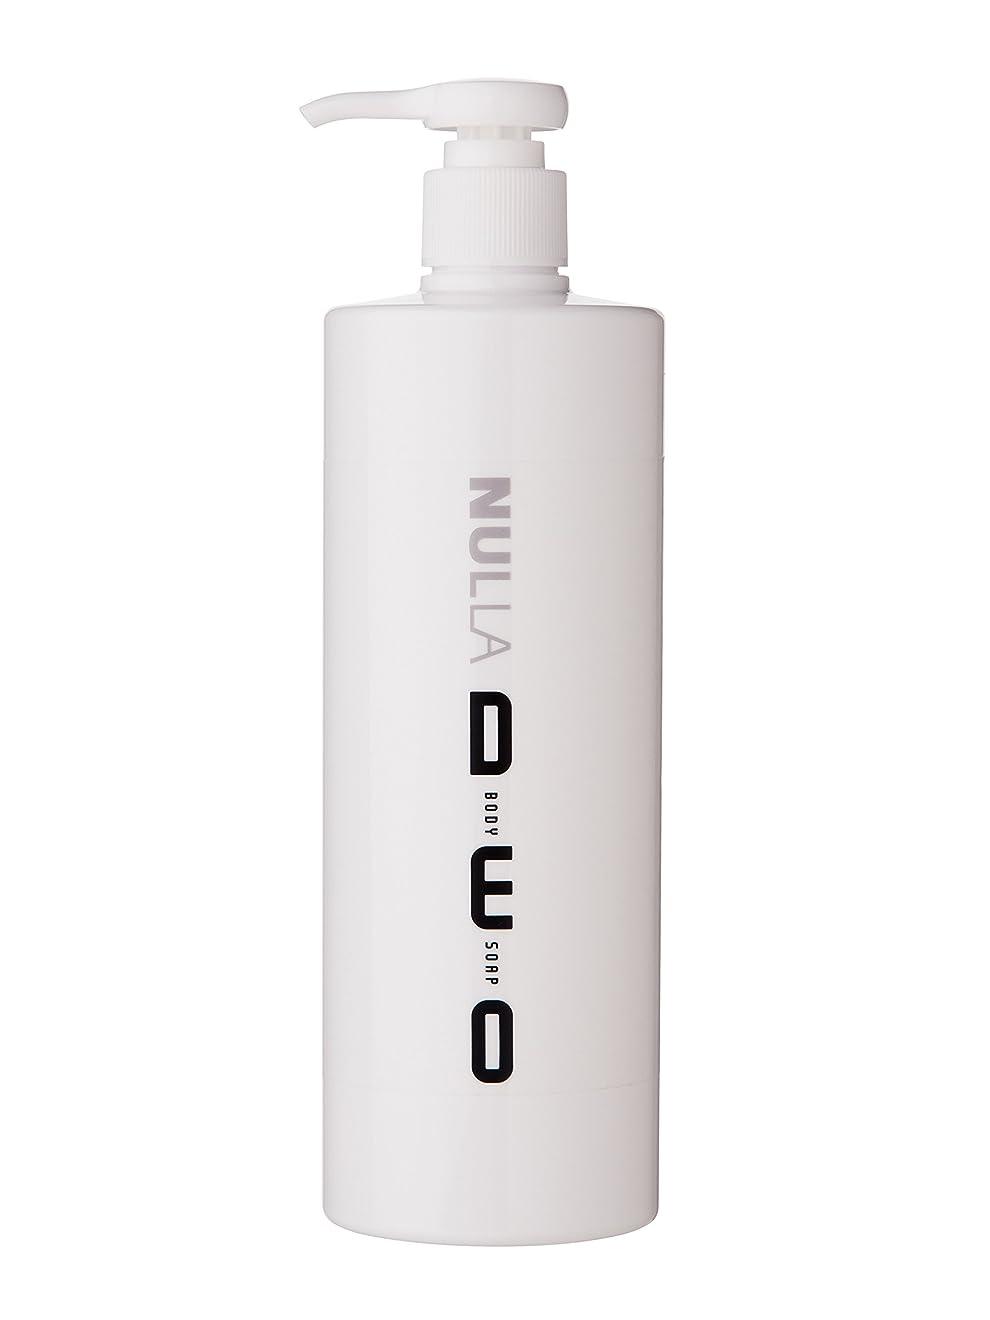 豊富ヶ月目ウナギNULLA(ヌーラ) ヌーラデオ ボディソープ [ニオイ菌を抑制] 500ml 日本製 加齢臭 体臭 対策 シャボンの香り